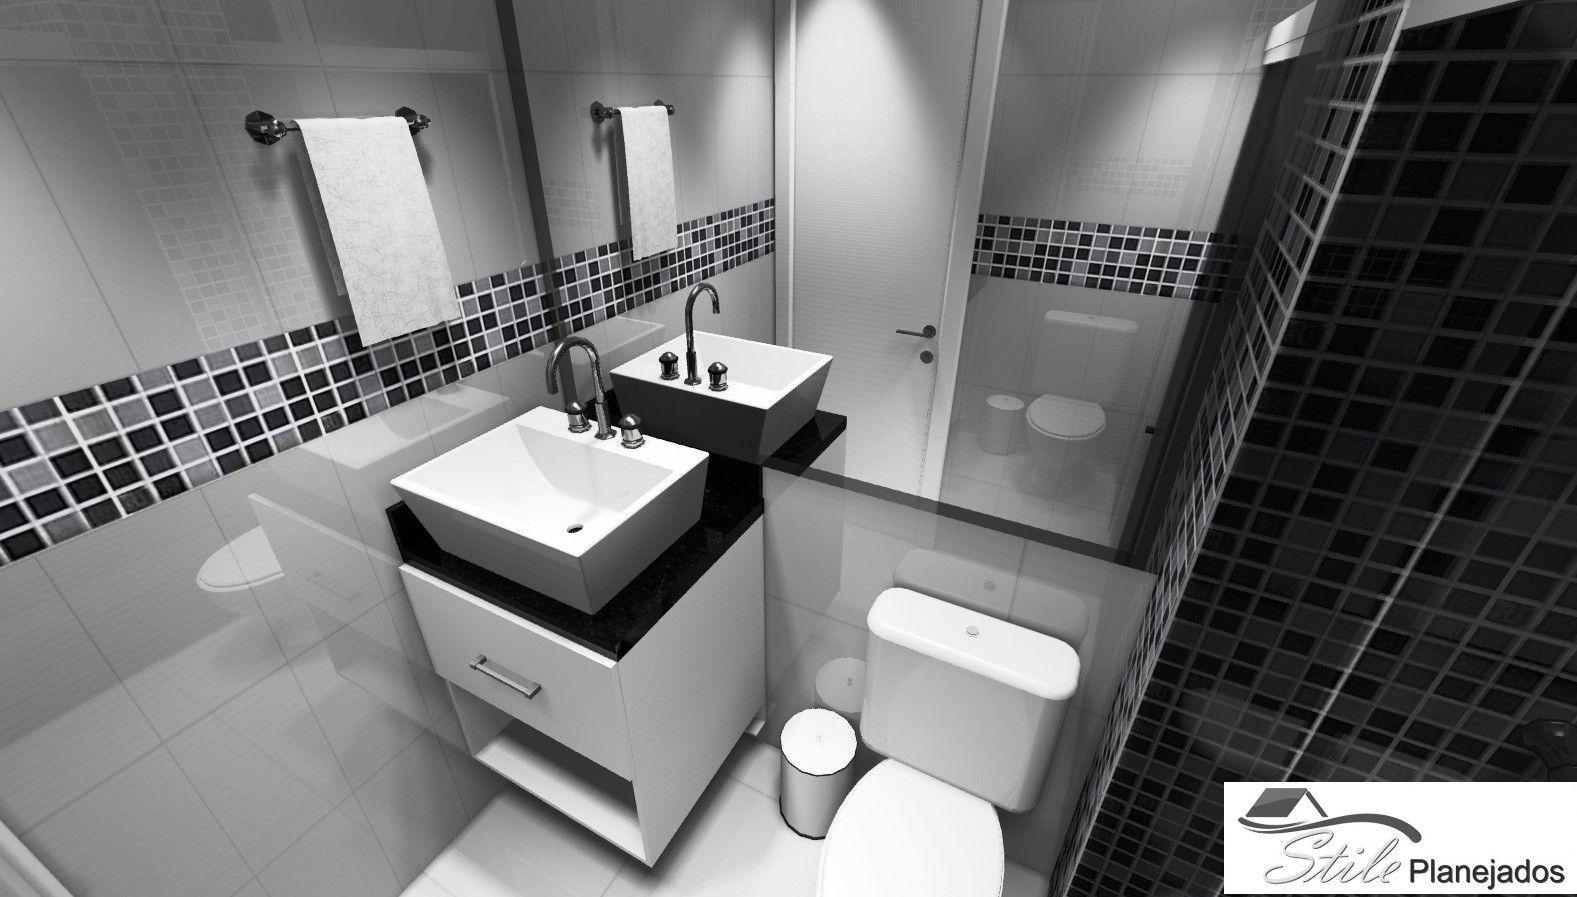 Fábrica de Banheiro Planejado Preço na Vila Vera - Fabricante de Banheiro Planejado